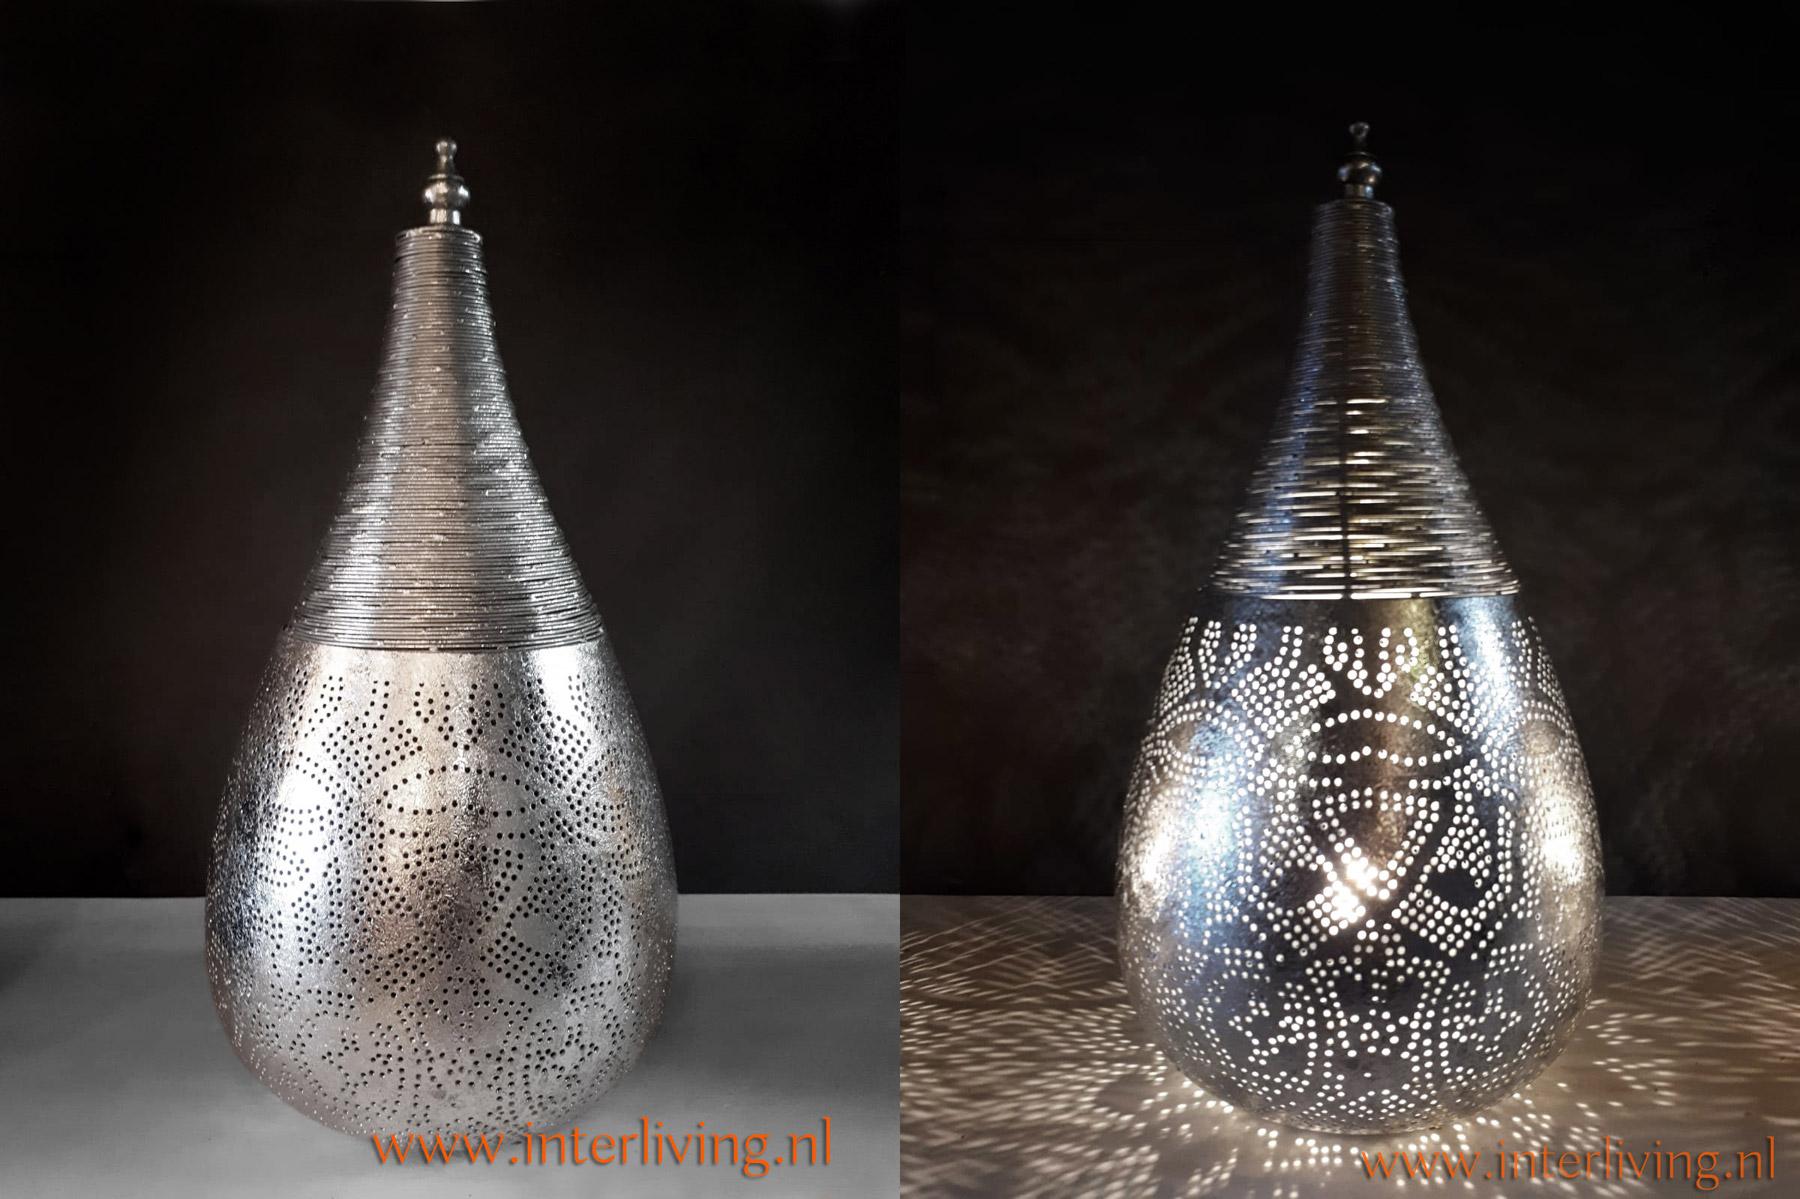 puntig zilveren lampje oosters - Marokkaanse lamp zilver tafelmodel - Arabische tafellamp zilver kleur